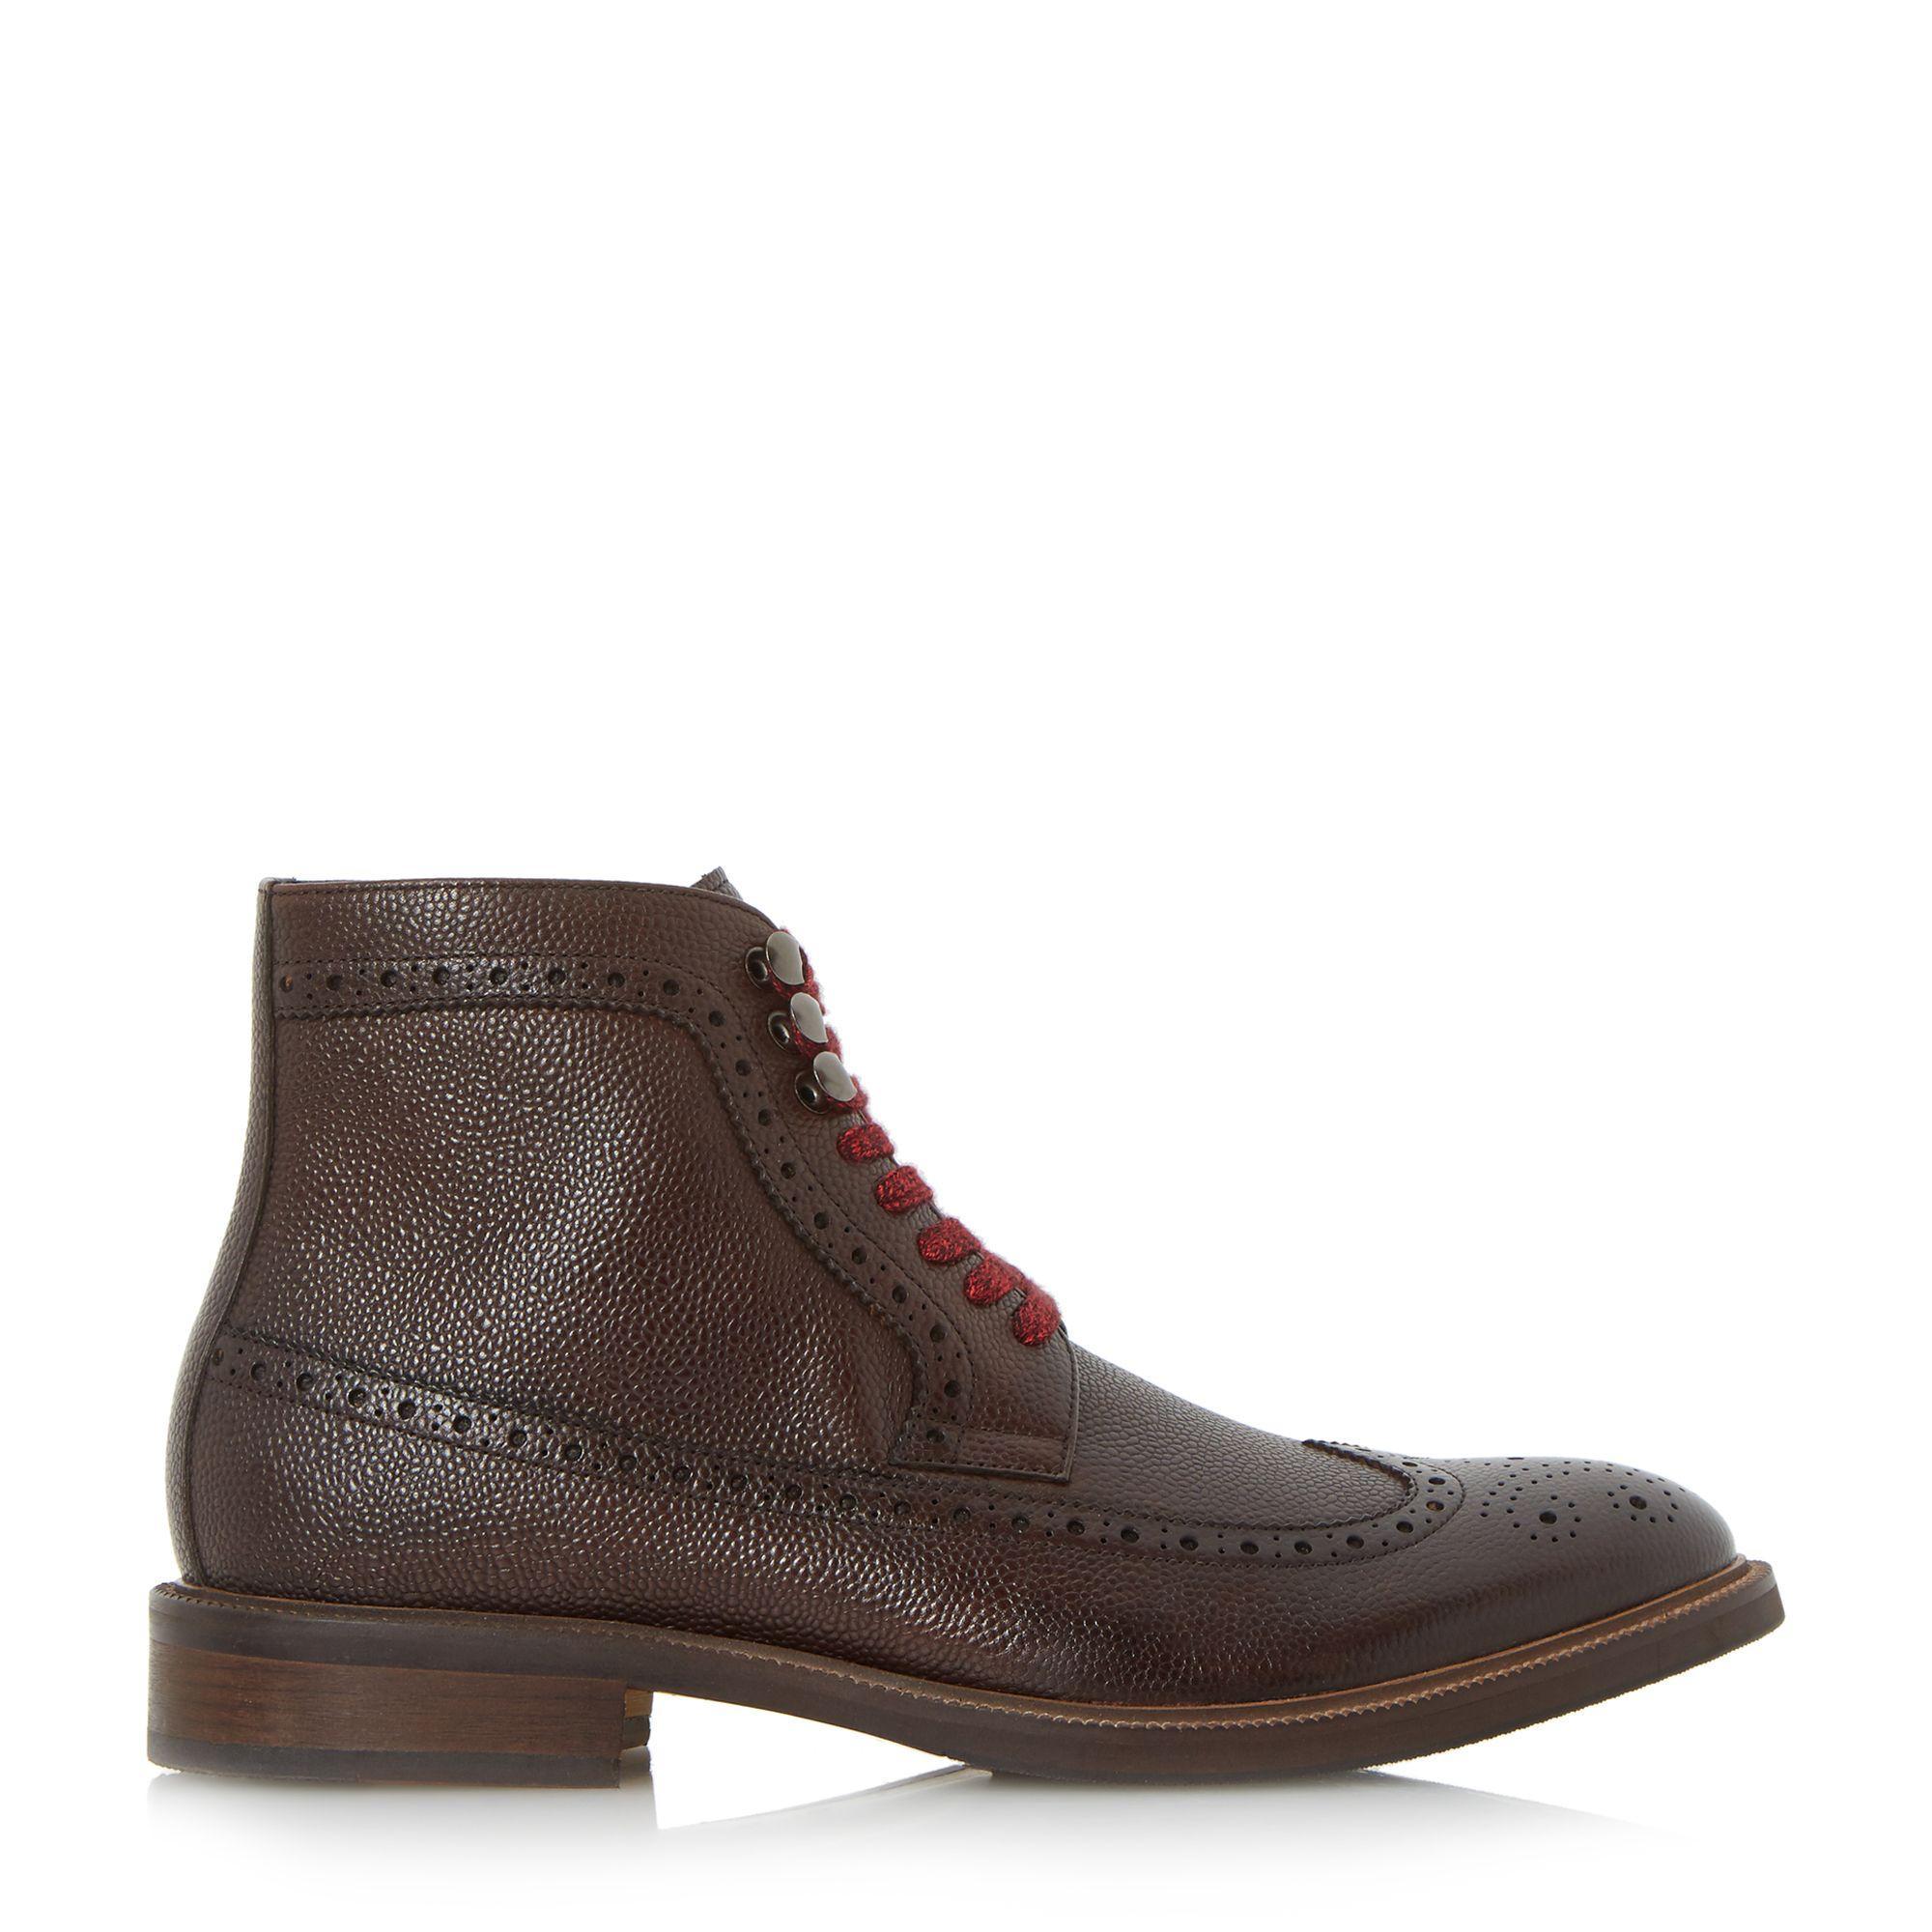 61226048d44 Ugg Mens Classic Mini Brogue Boot